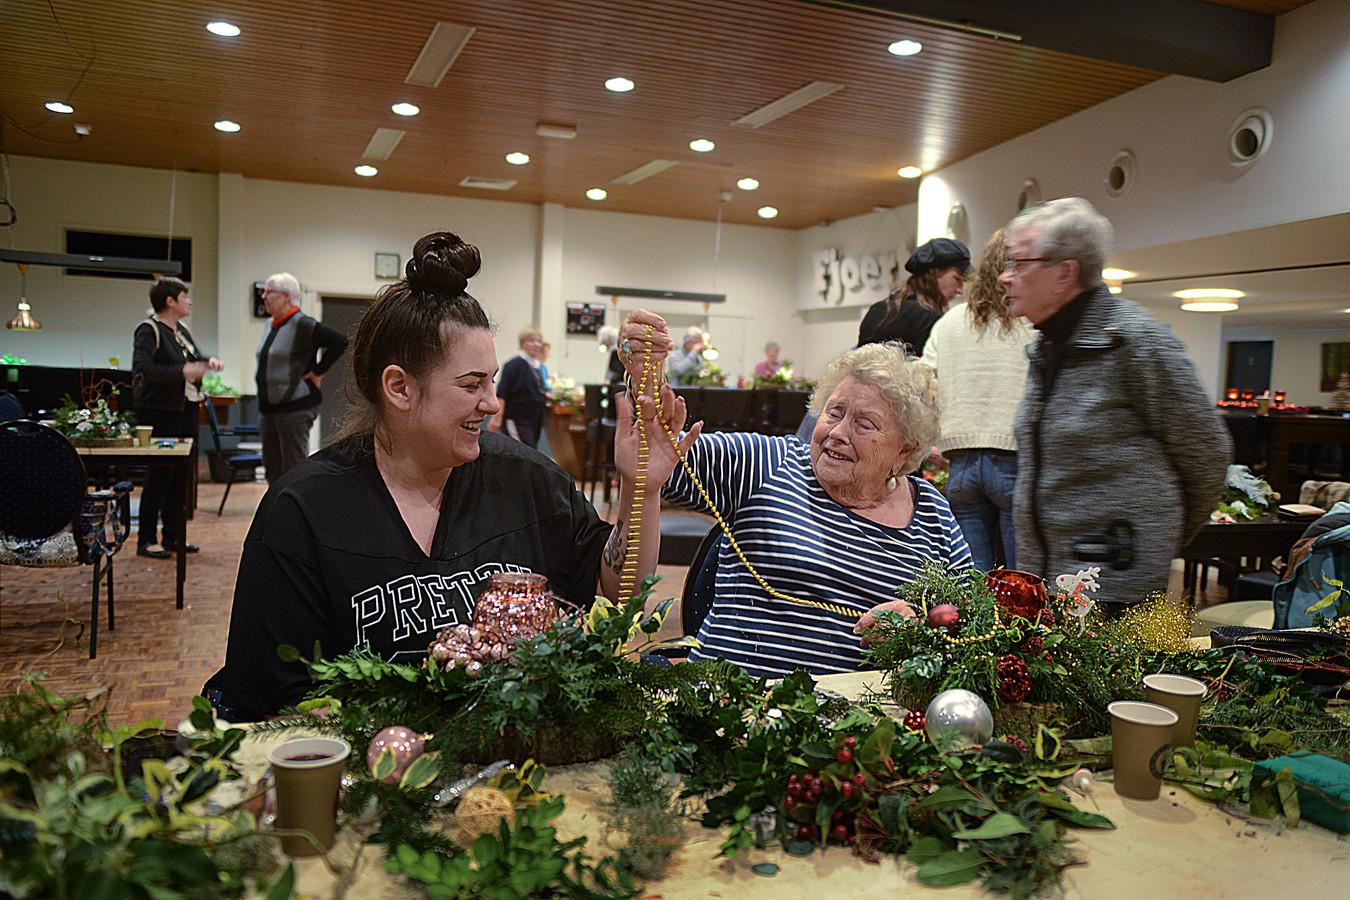 Shannen Visser en haar oma Ria Koers hebben een hoop lol samen tijdens het maken van hun kerststukje